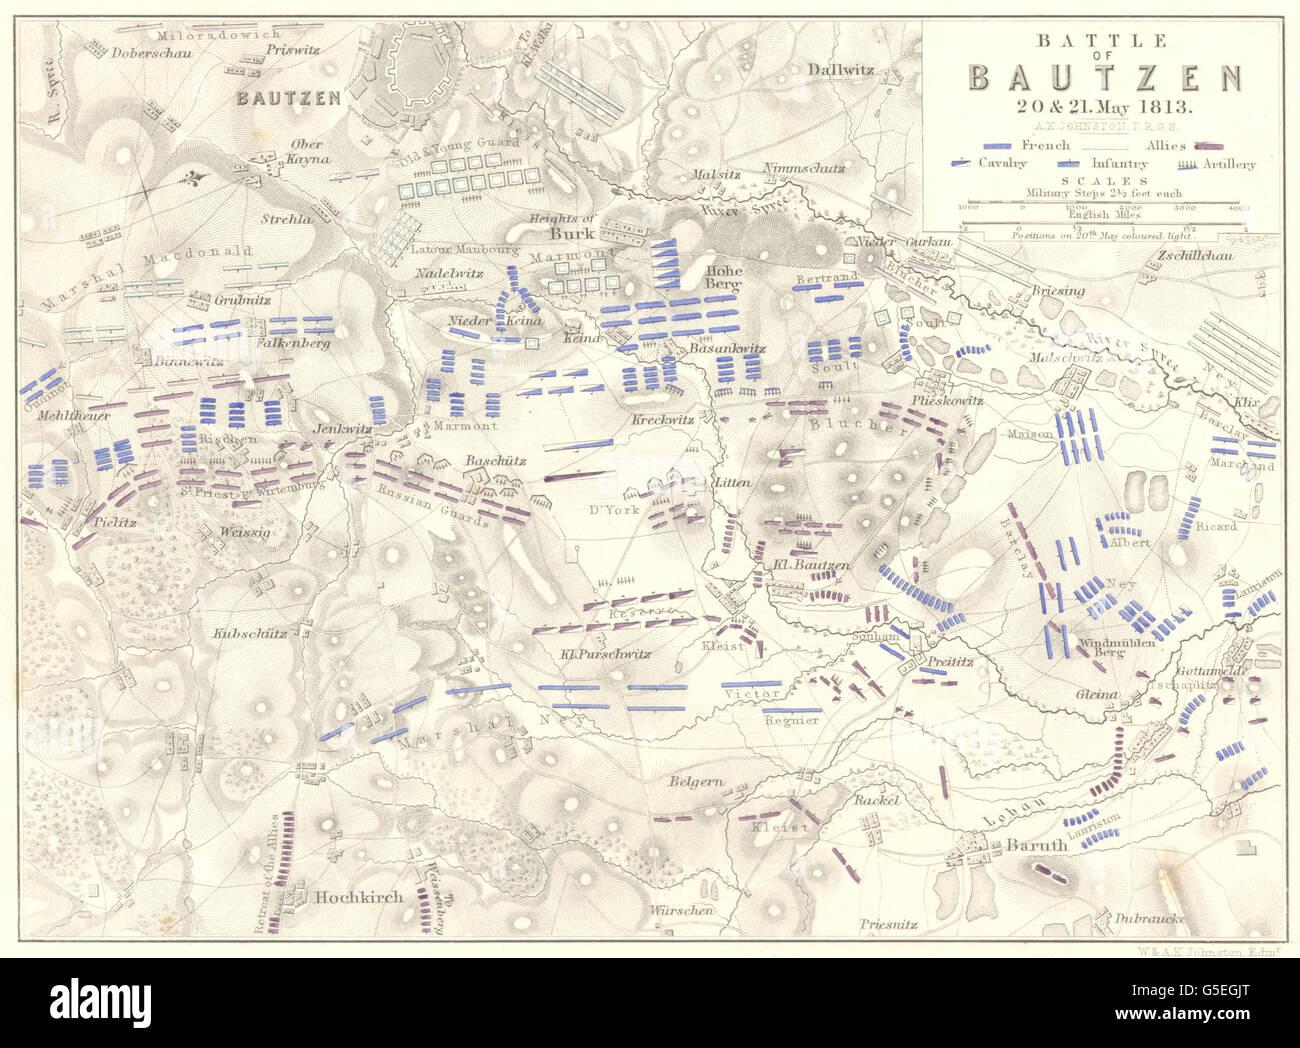 Schlacht Von Bautzen 20 Und 21 Mai 1813 Deutschland